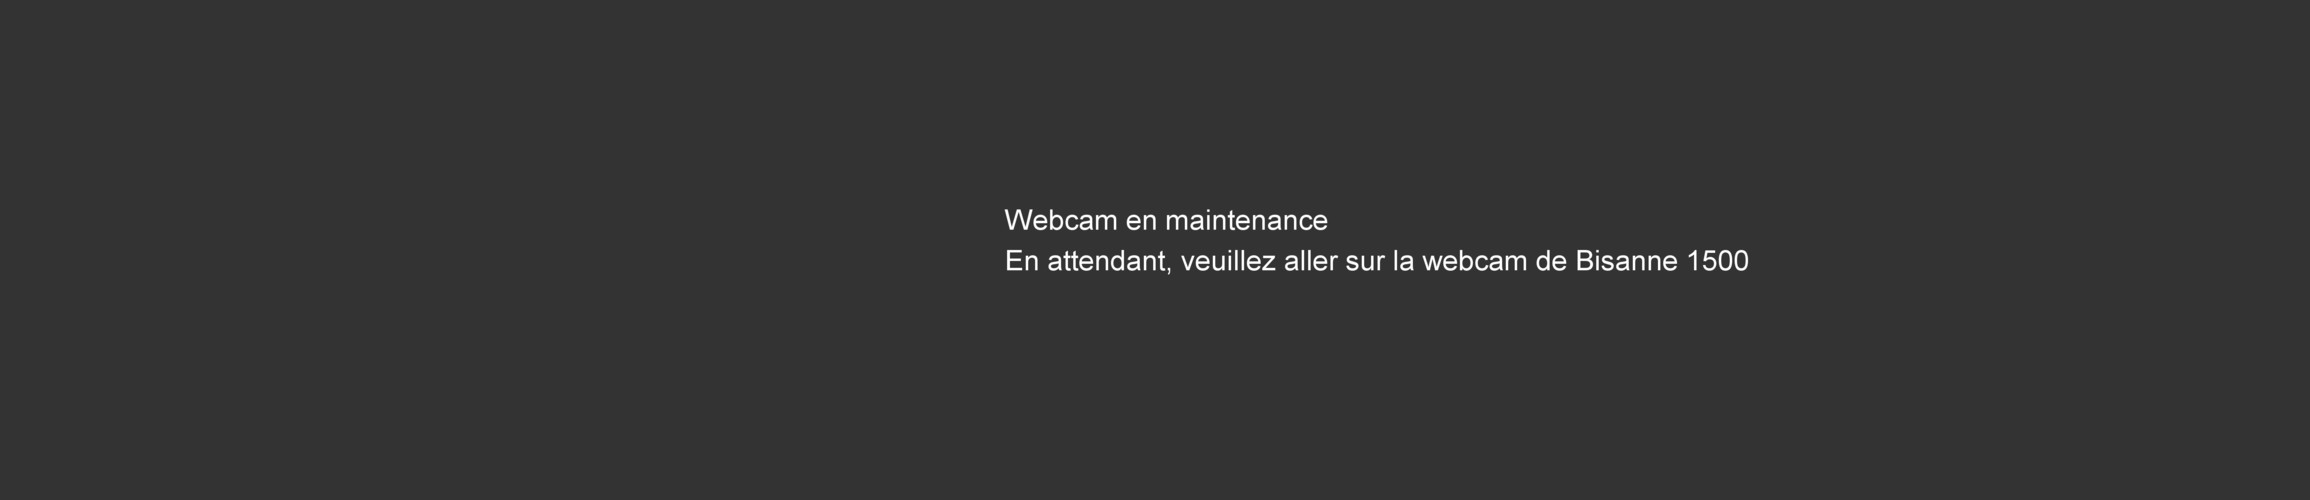 Webcam Les Saisies - Le Manant